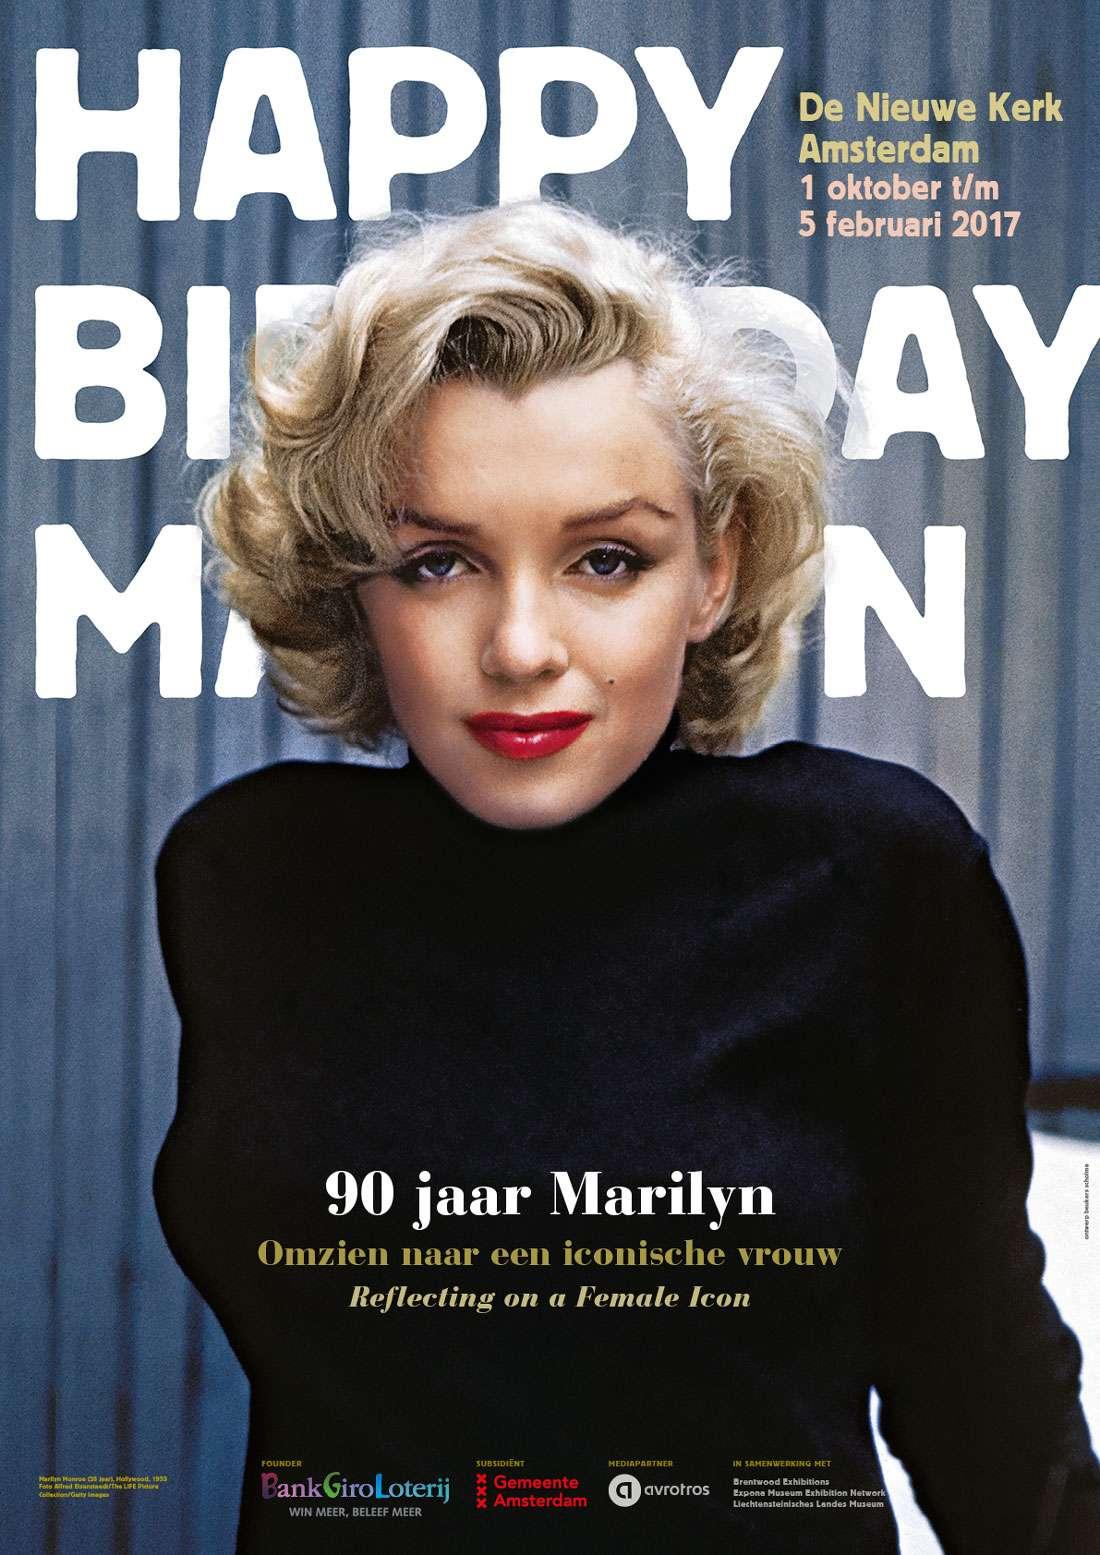 hbm90-a2-affiche-420x594-lr-nl-website.jpg